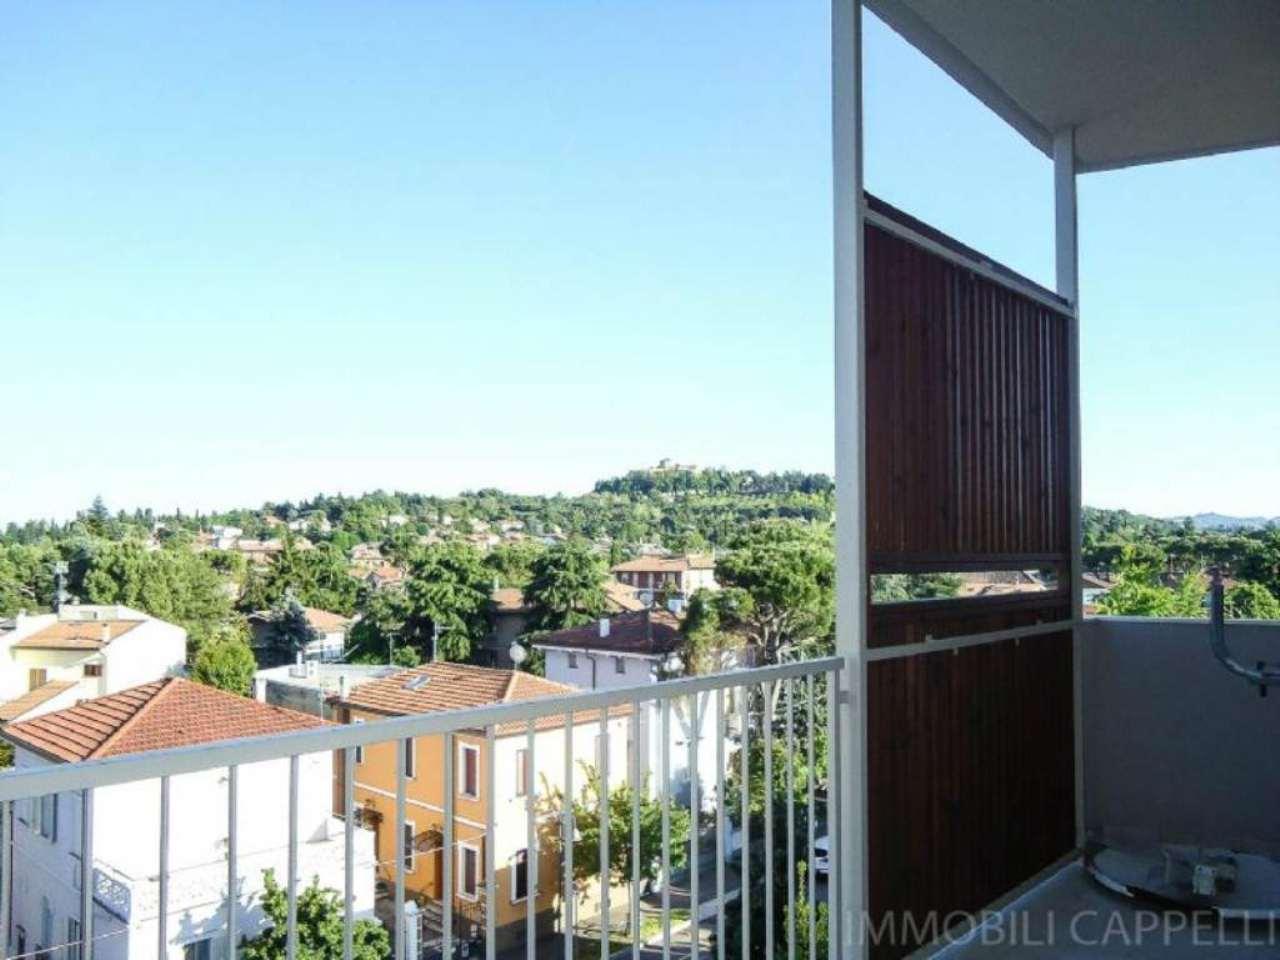 Appartamento in vendita a Cesena, 4 locali, prezzo € 145.000 | CambioCasa.it